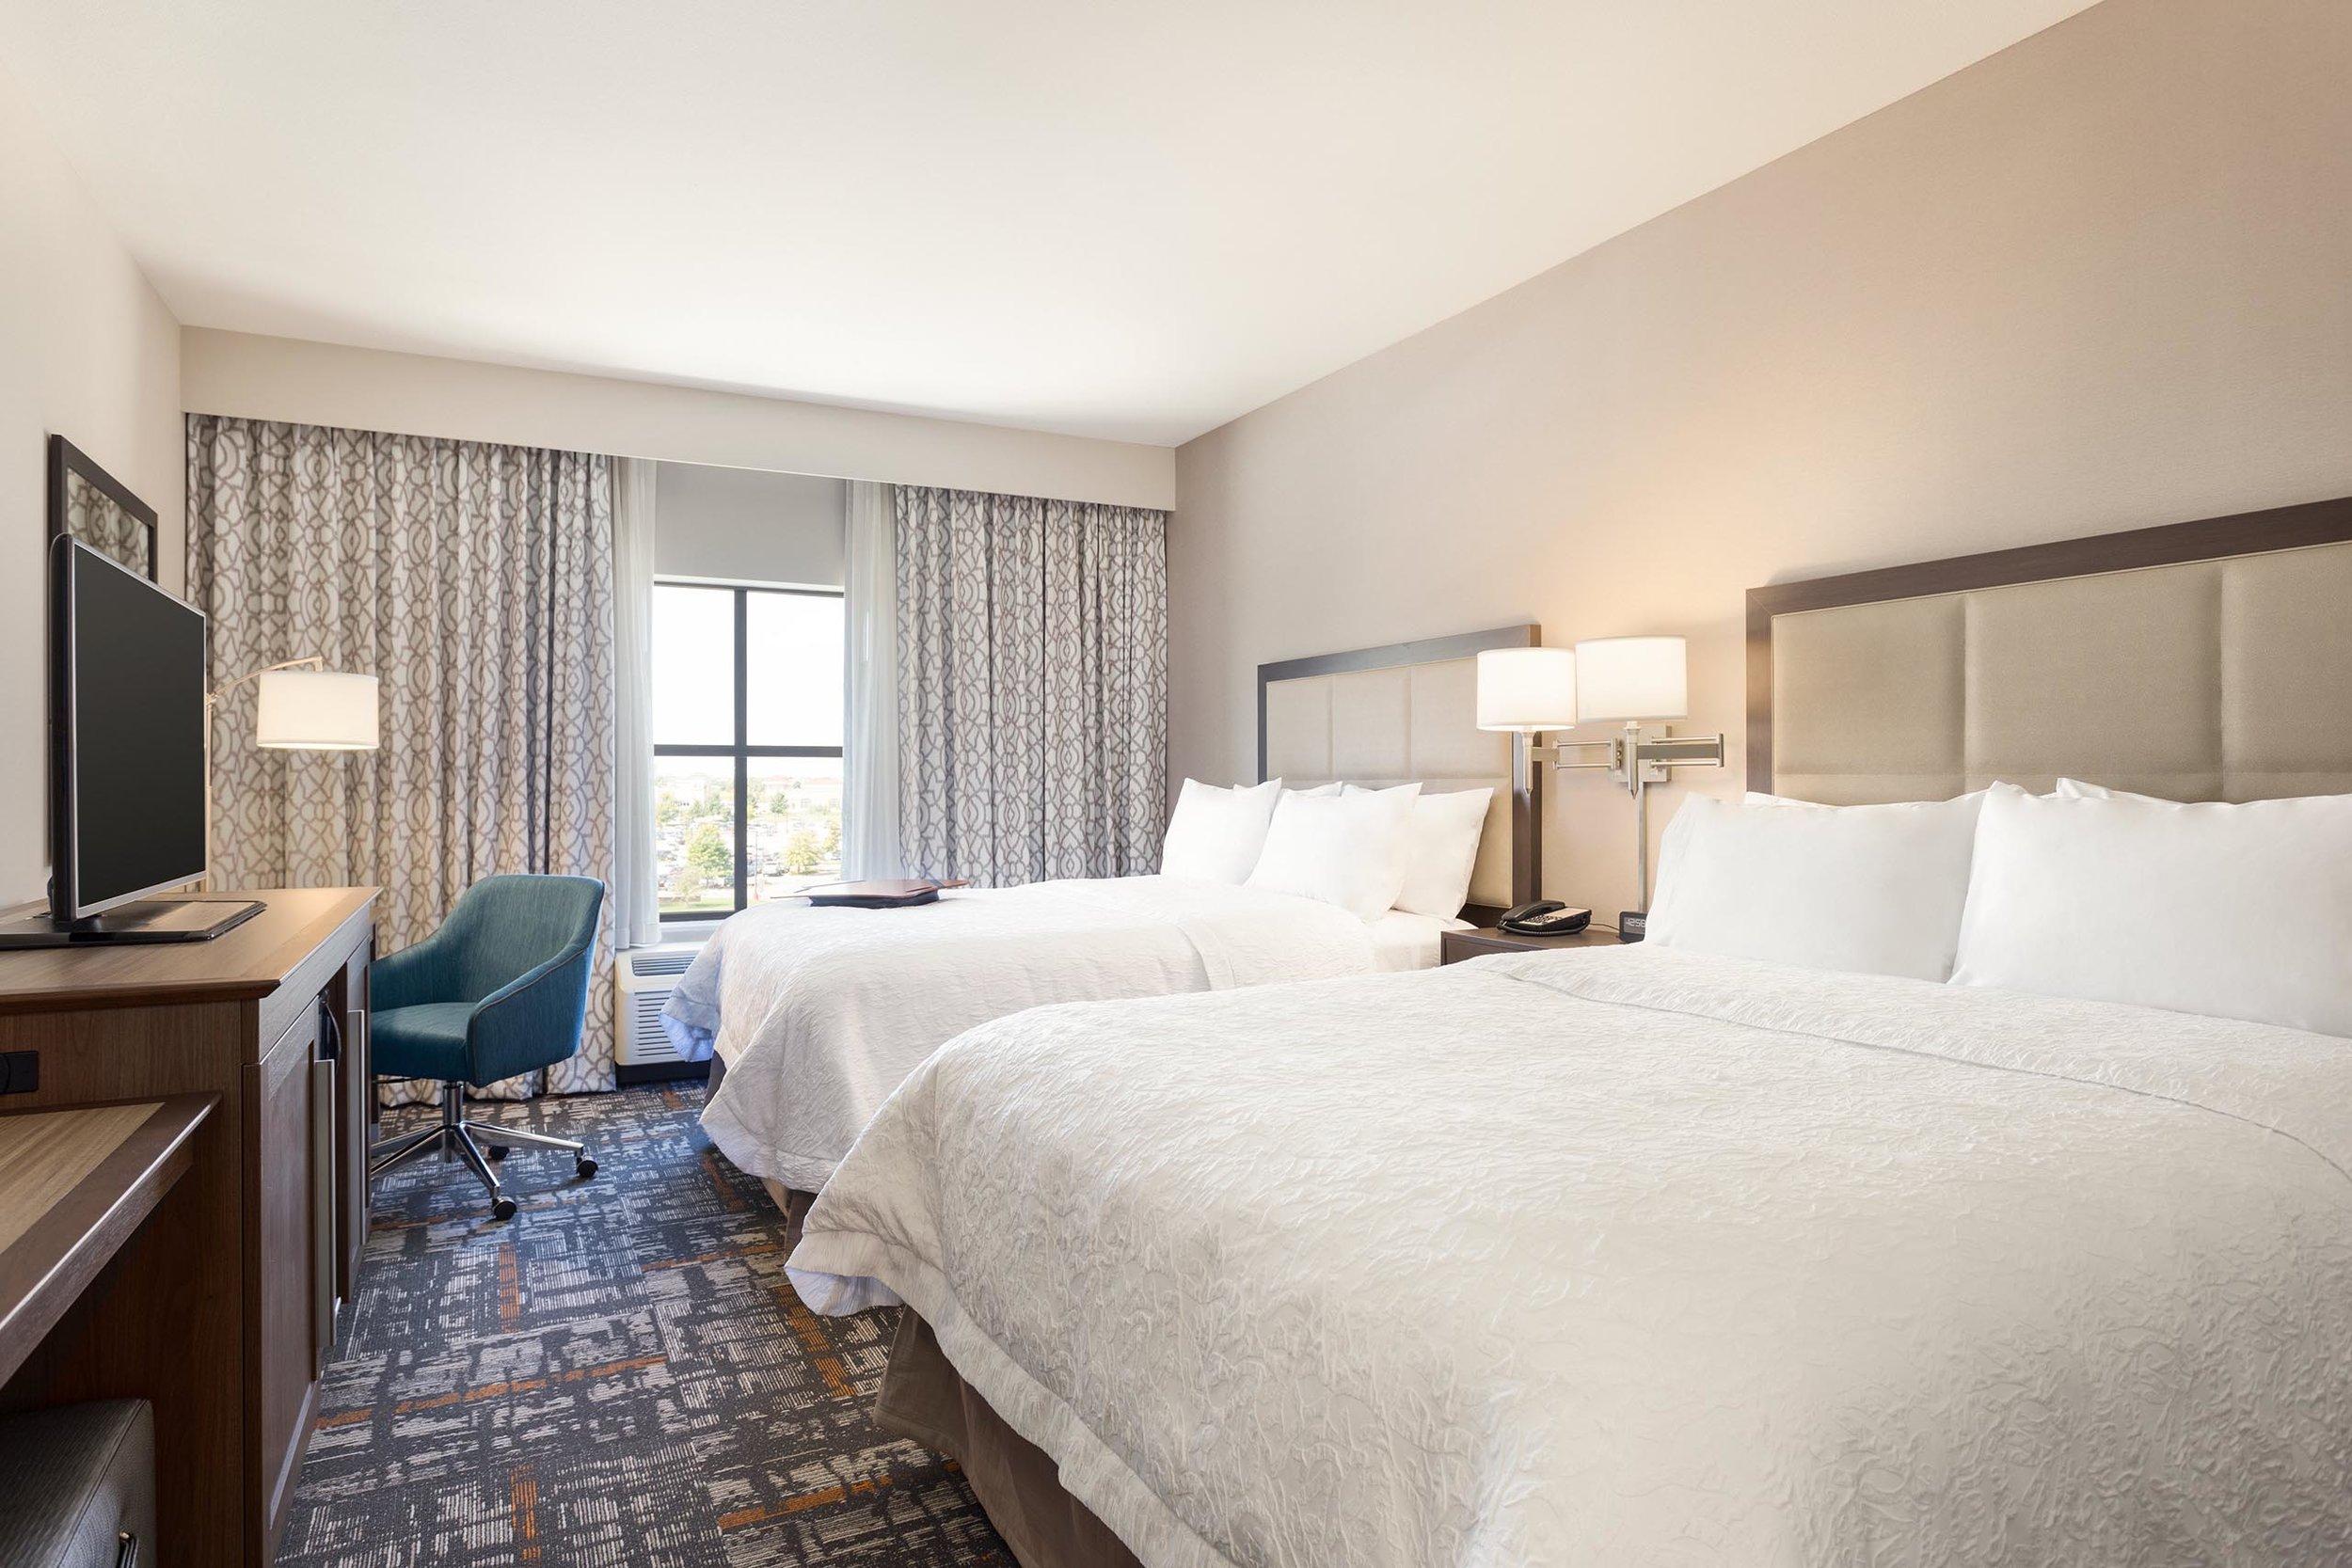 Bedroom in the Hampton Inn & Suites in West Des Moines, IA